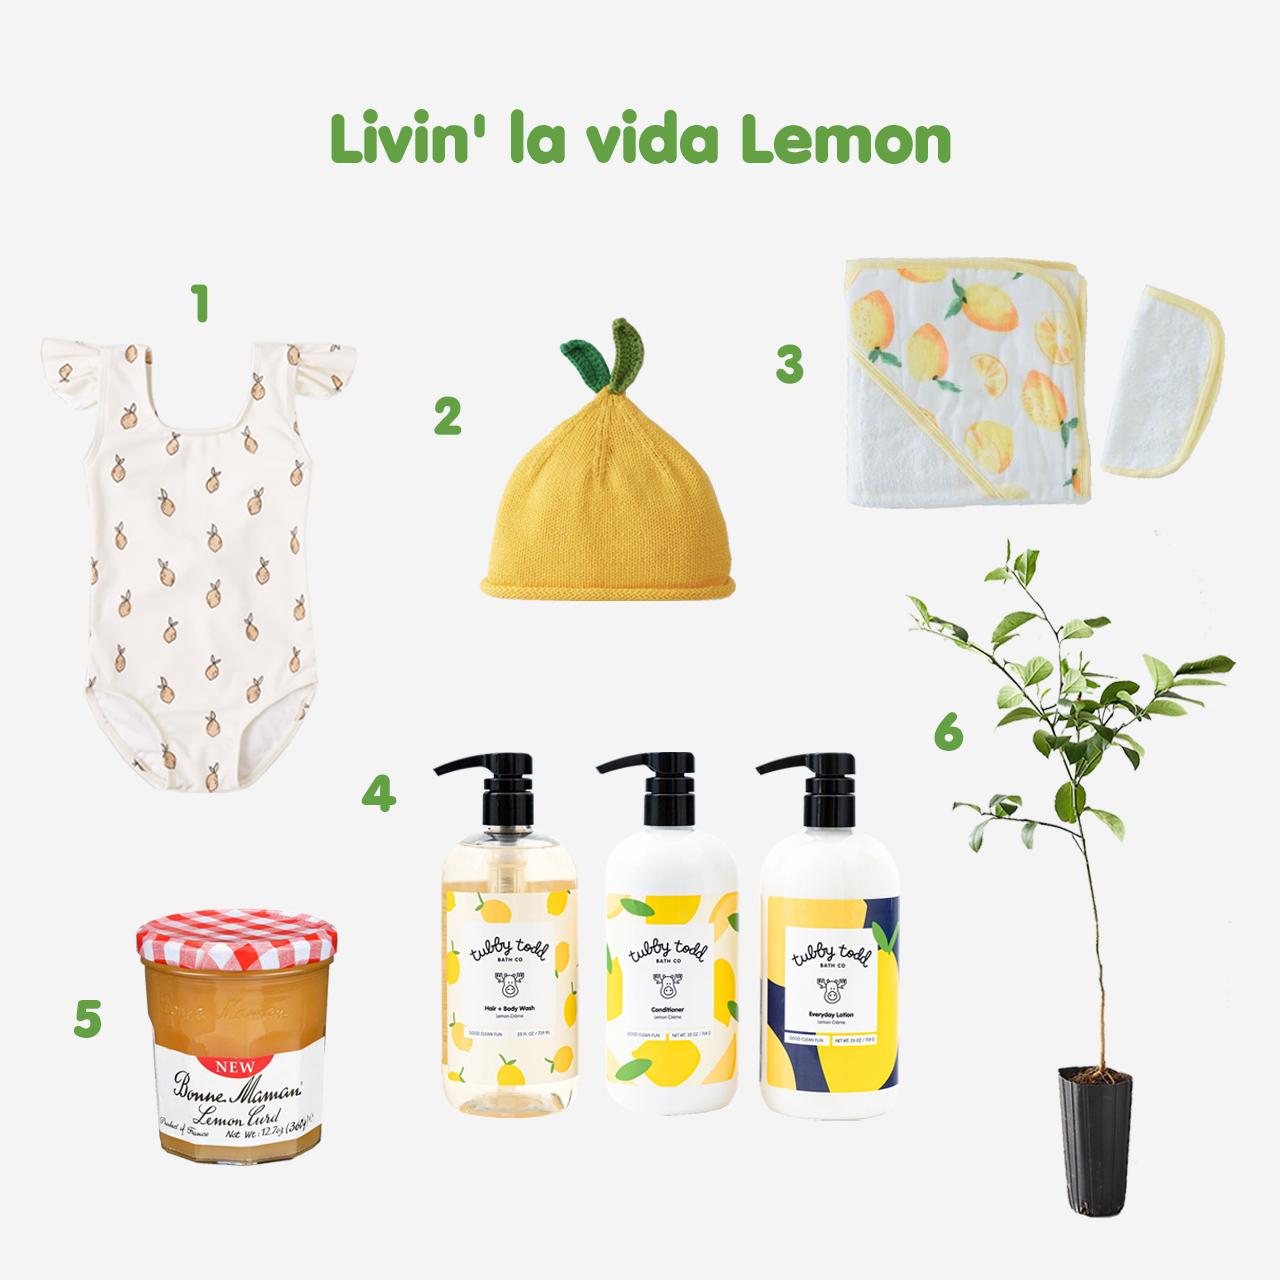 6 Citrusy Treats for the Lemon Lover